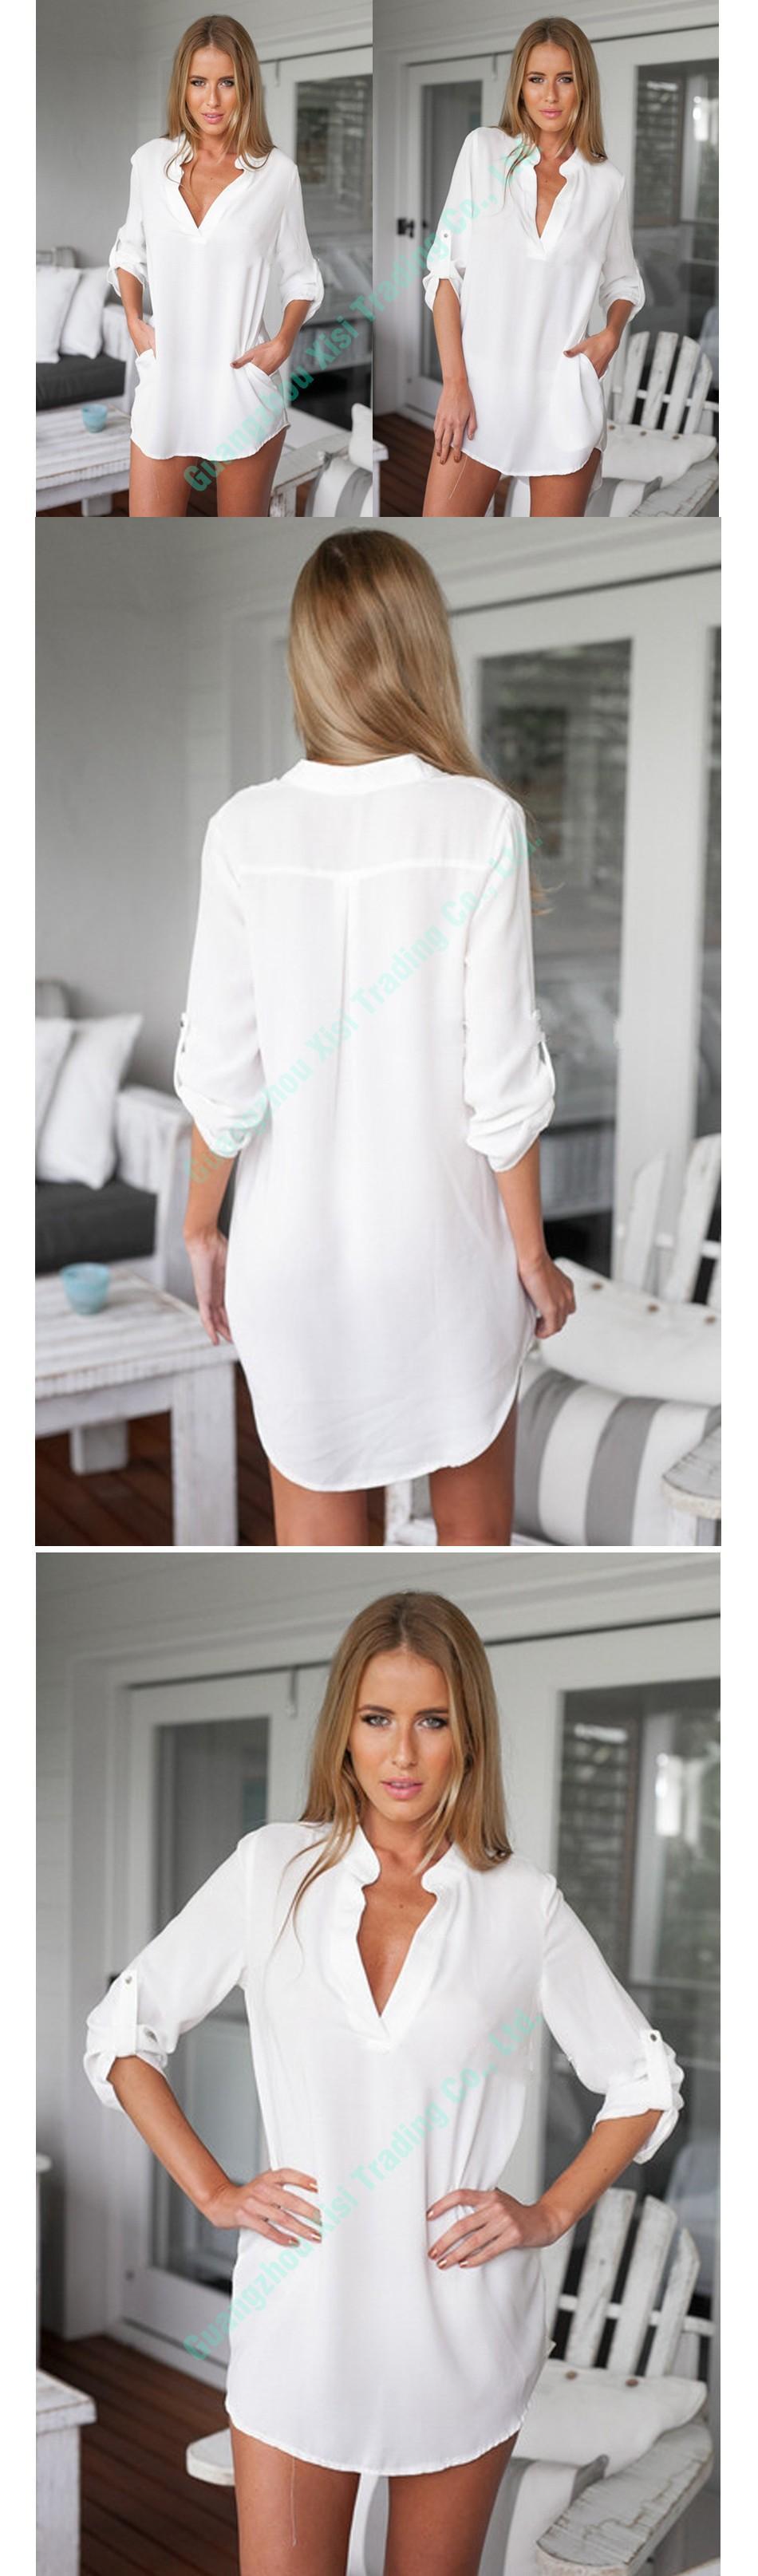 Womens tops ve bluzlar 2016 beyaz uzun kollu gömlek kadın 2016 artı boyutu kadın gömlek sonbahar kış bluzlar ve gömlekler boyutu 5xl